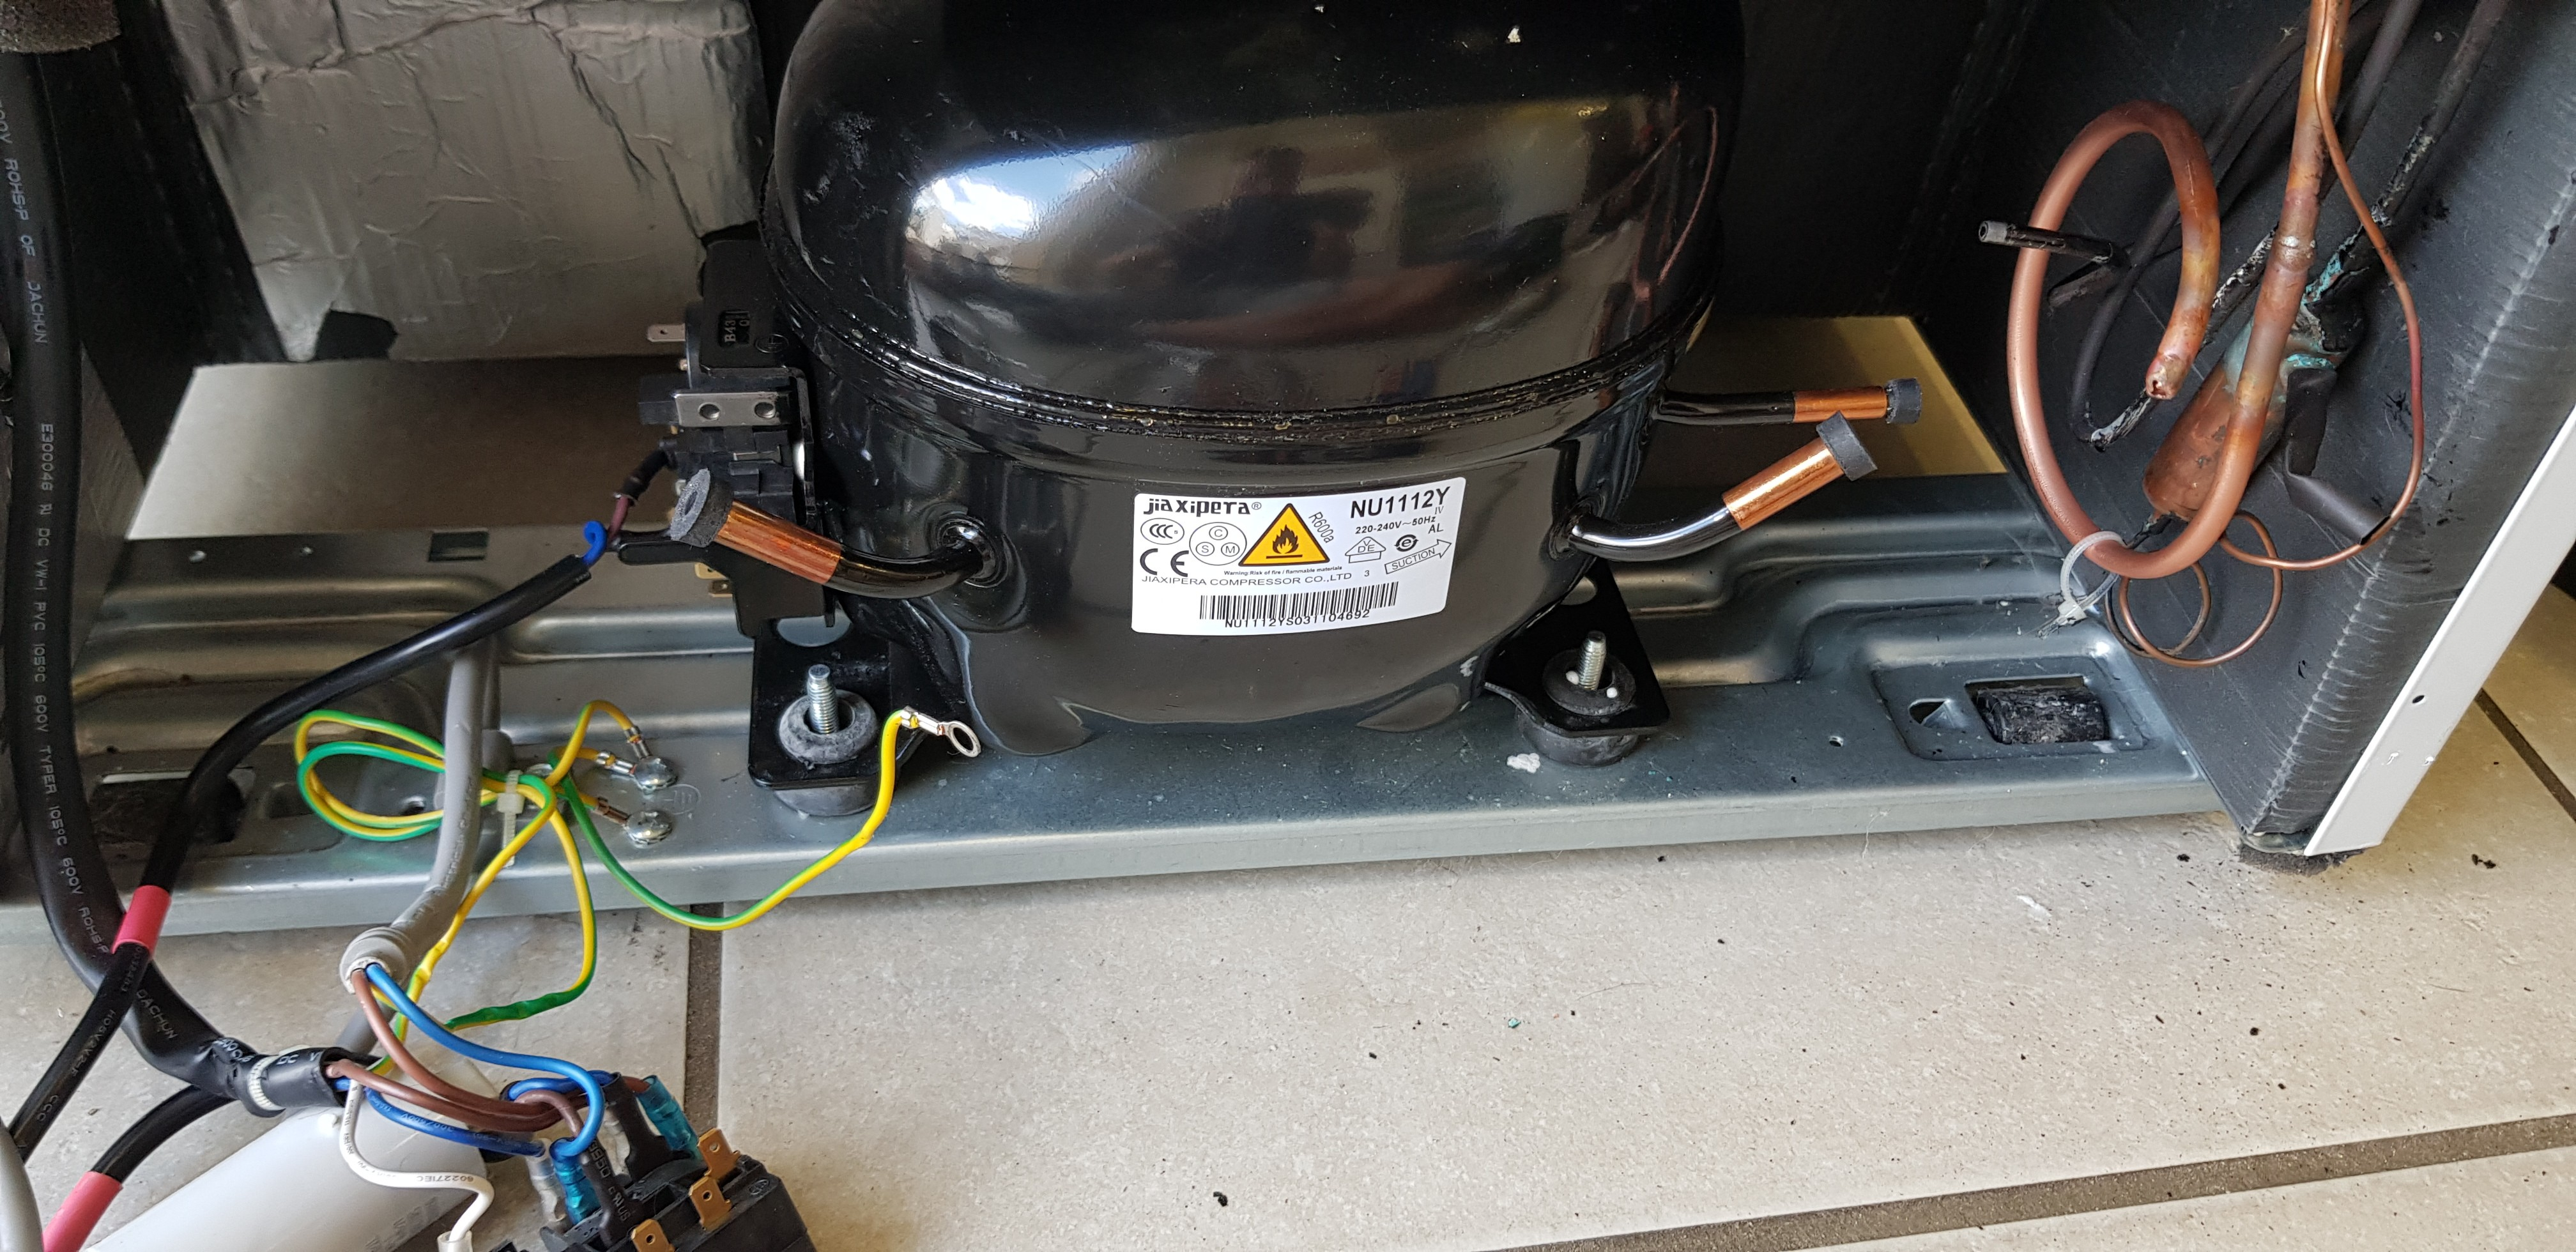 Remplacement compresseur frigidaire congelateur